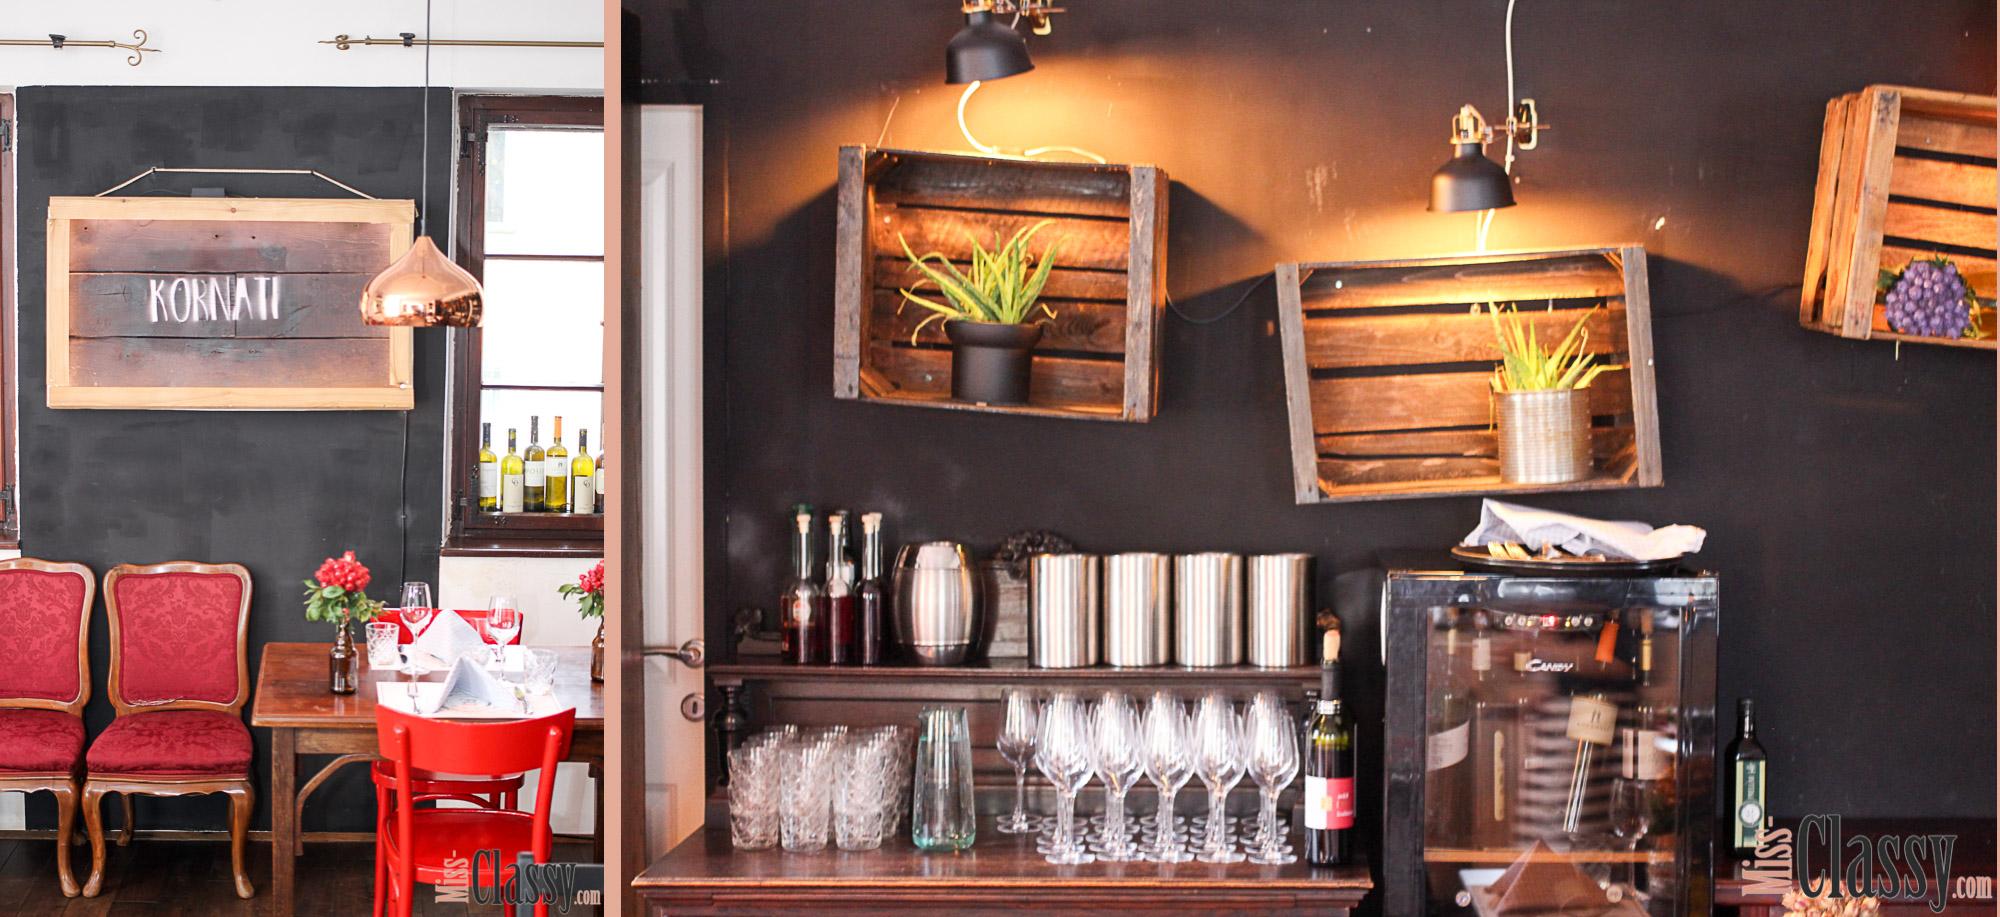 LIFESTYLE: Essen & Trinken gehen in Graz - Miss Classy\'s Restaurant ...